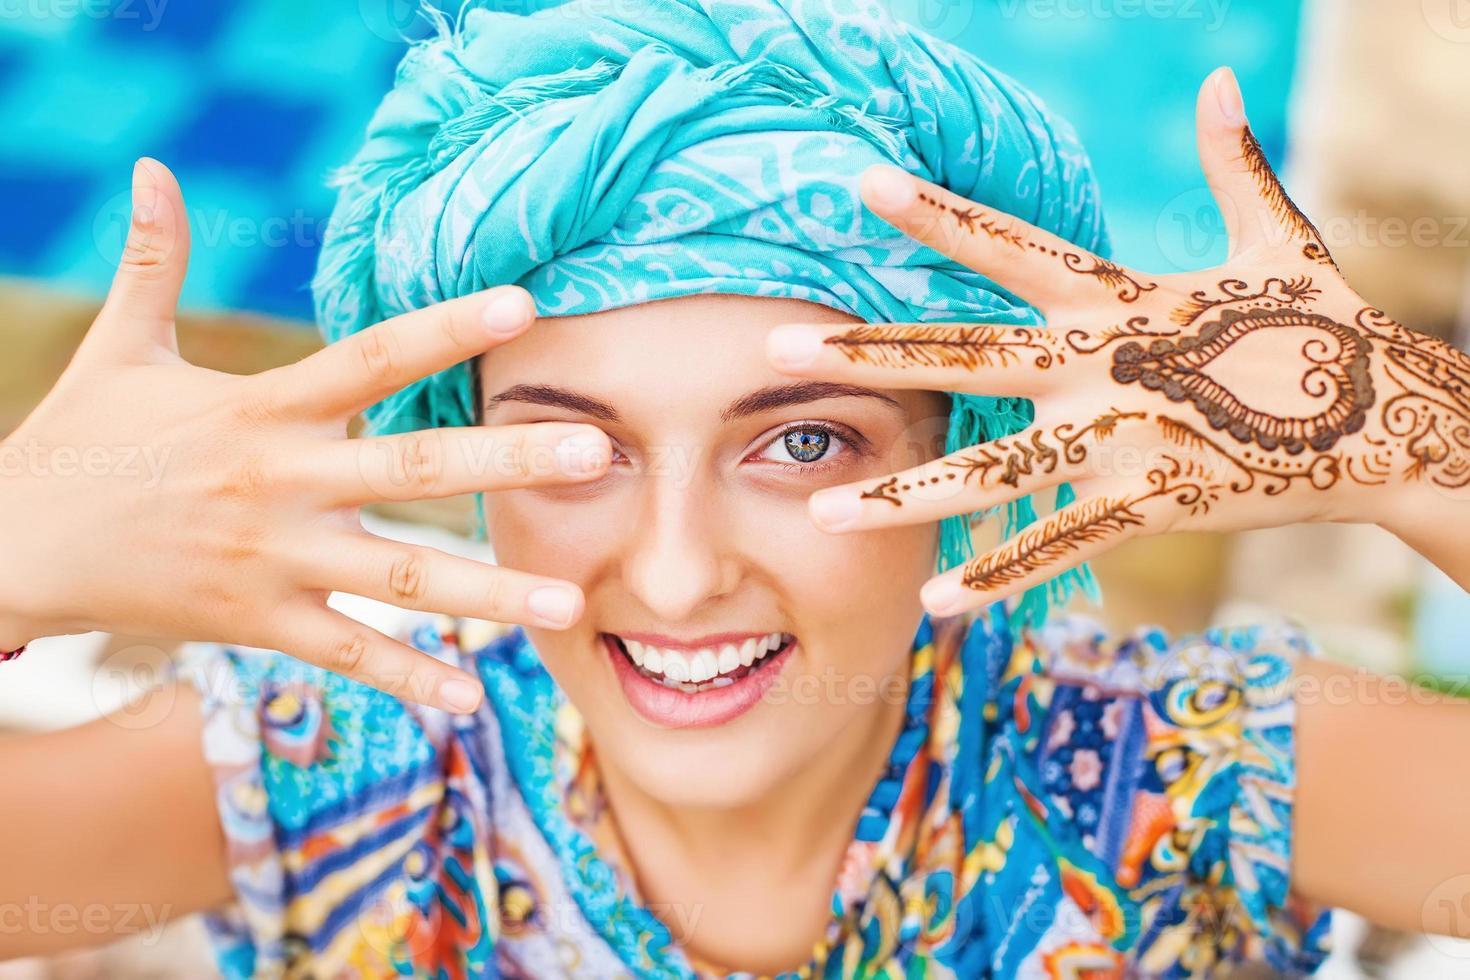 henna tatoeage op de handen van een vrouw foto